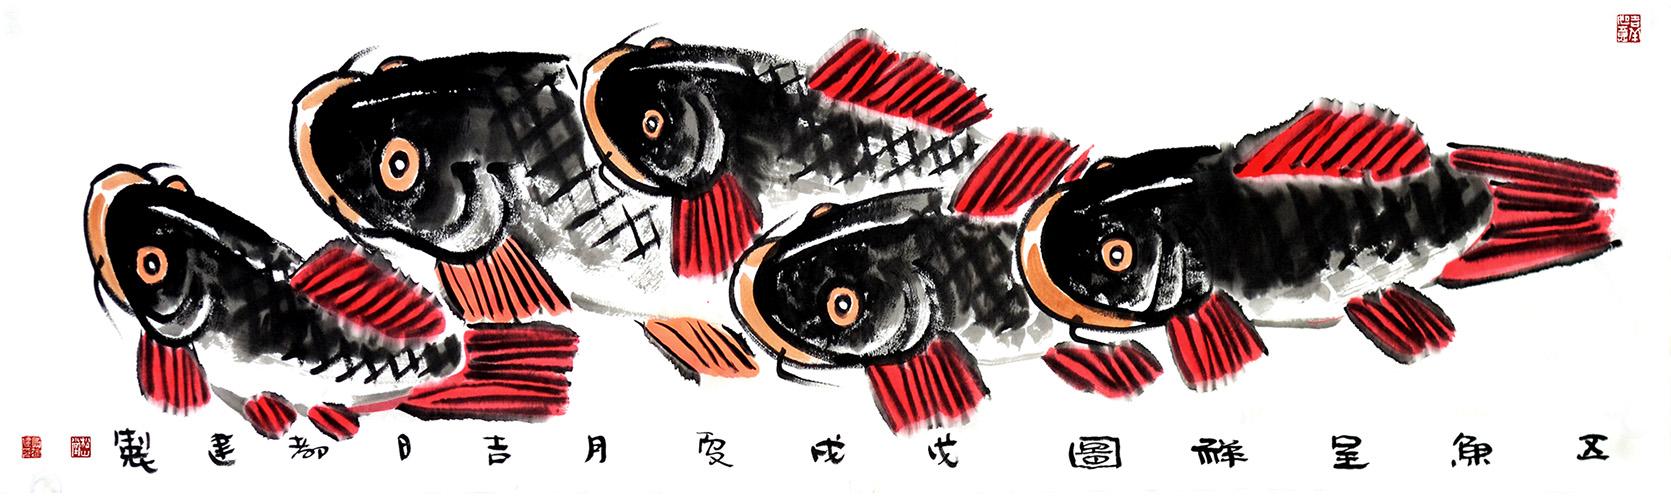 《五鱼呈祥图》